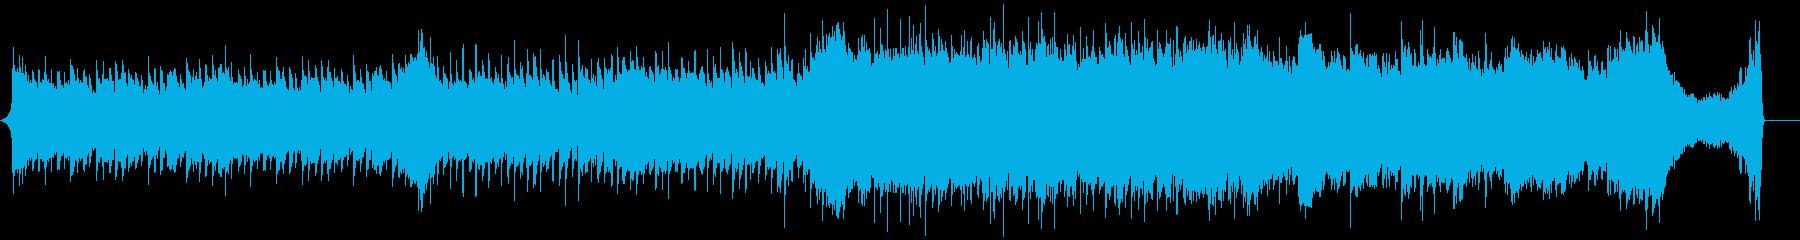 企業向け60秒 ピアノと弦の爽やかな曲の再生済みの波形